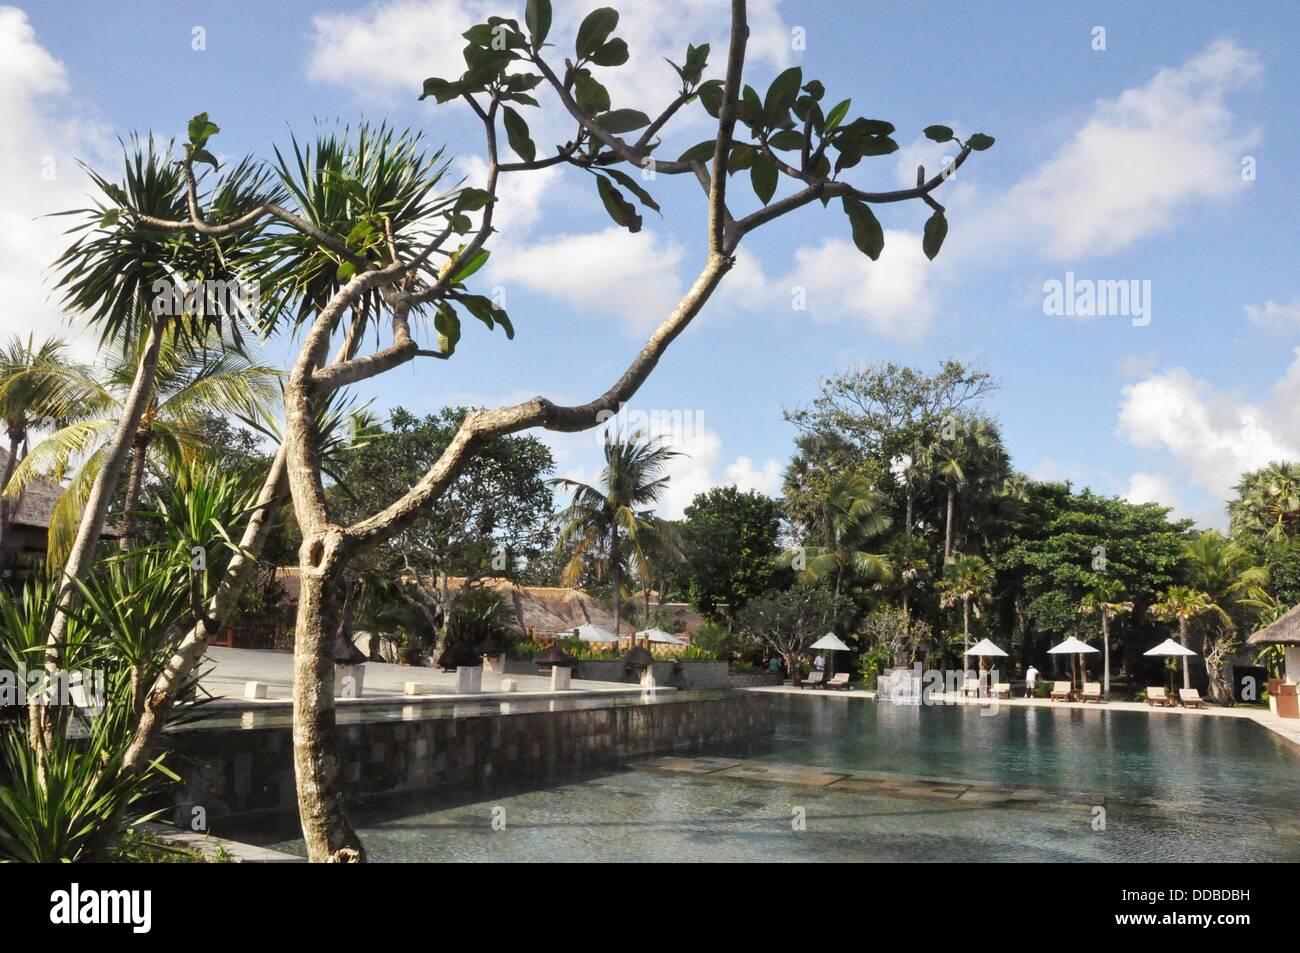 Jimbaran Bali Indonesia The Jimbaran Puri Bali Luxury Resort S Stock Photo Alamy